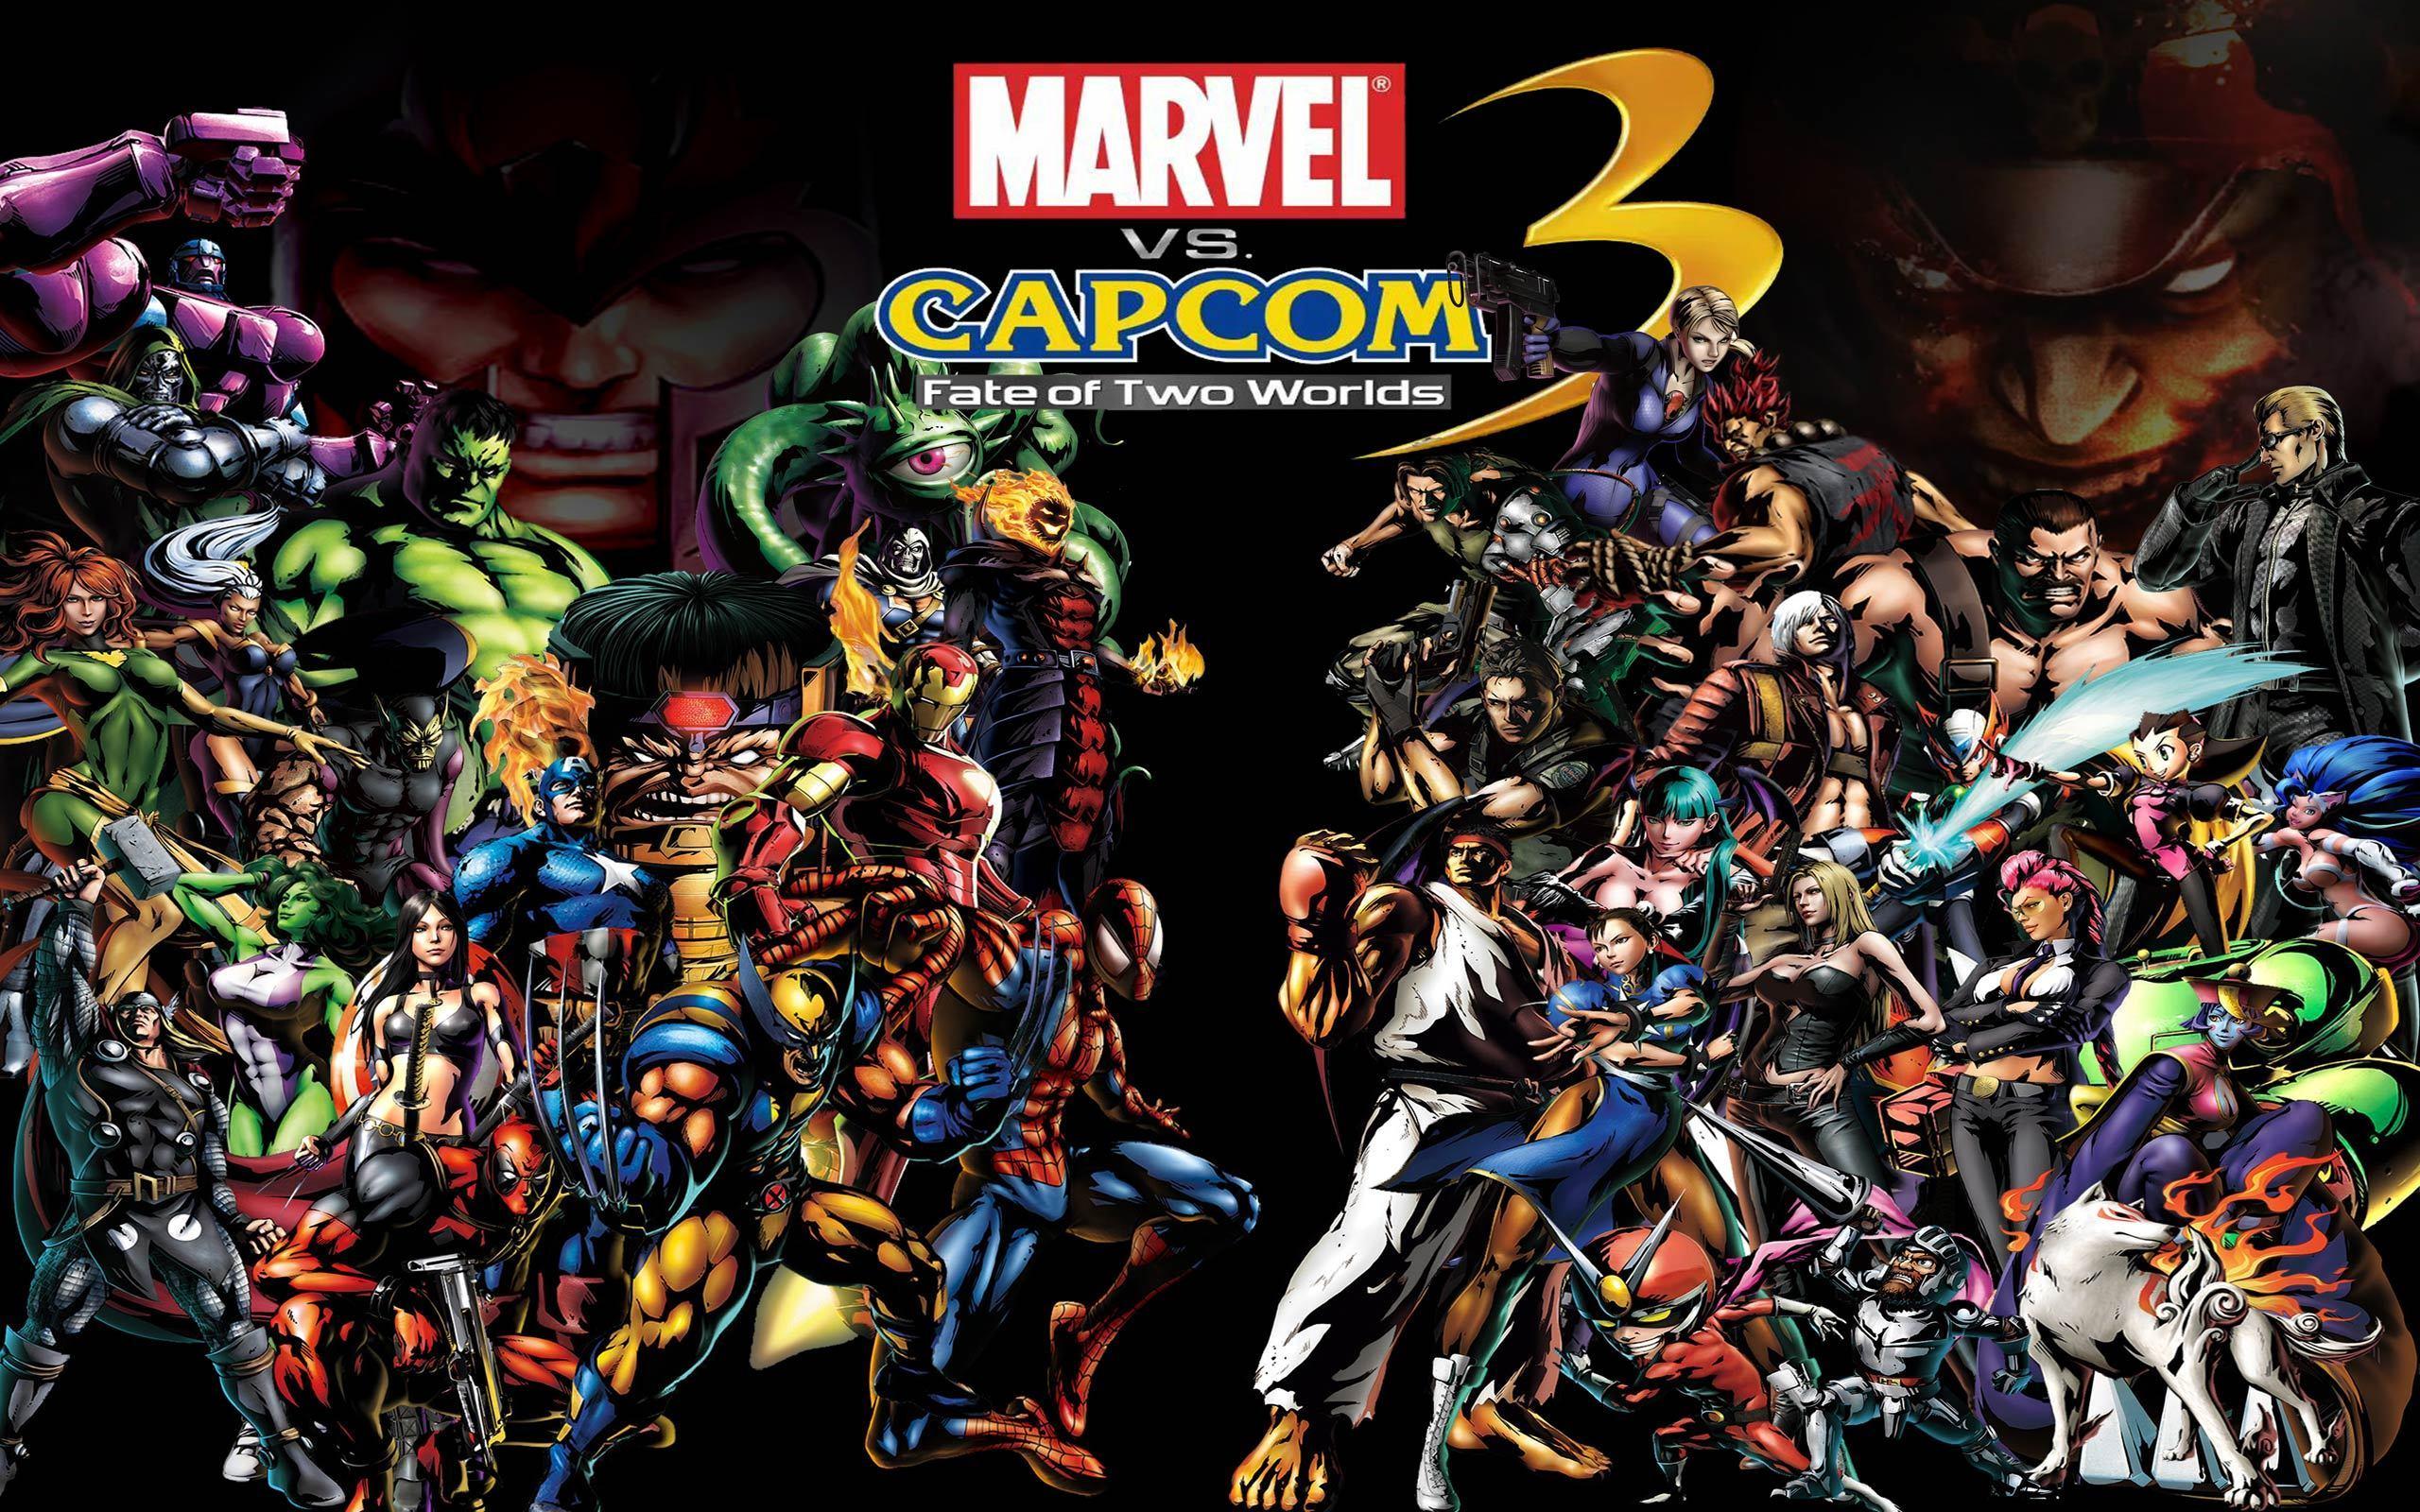 Marvel Vs Capcom Images Marvel Vs Capcom 3 Hd Wallpaper And